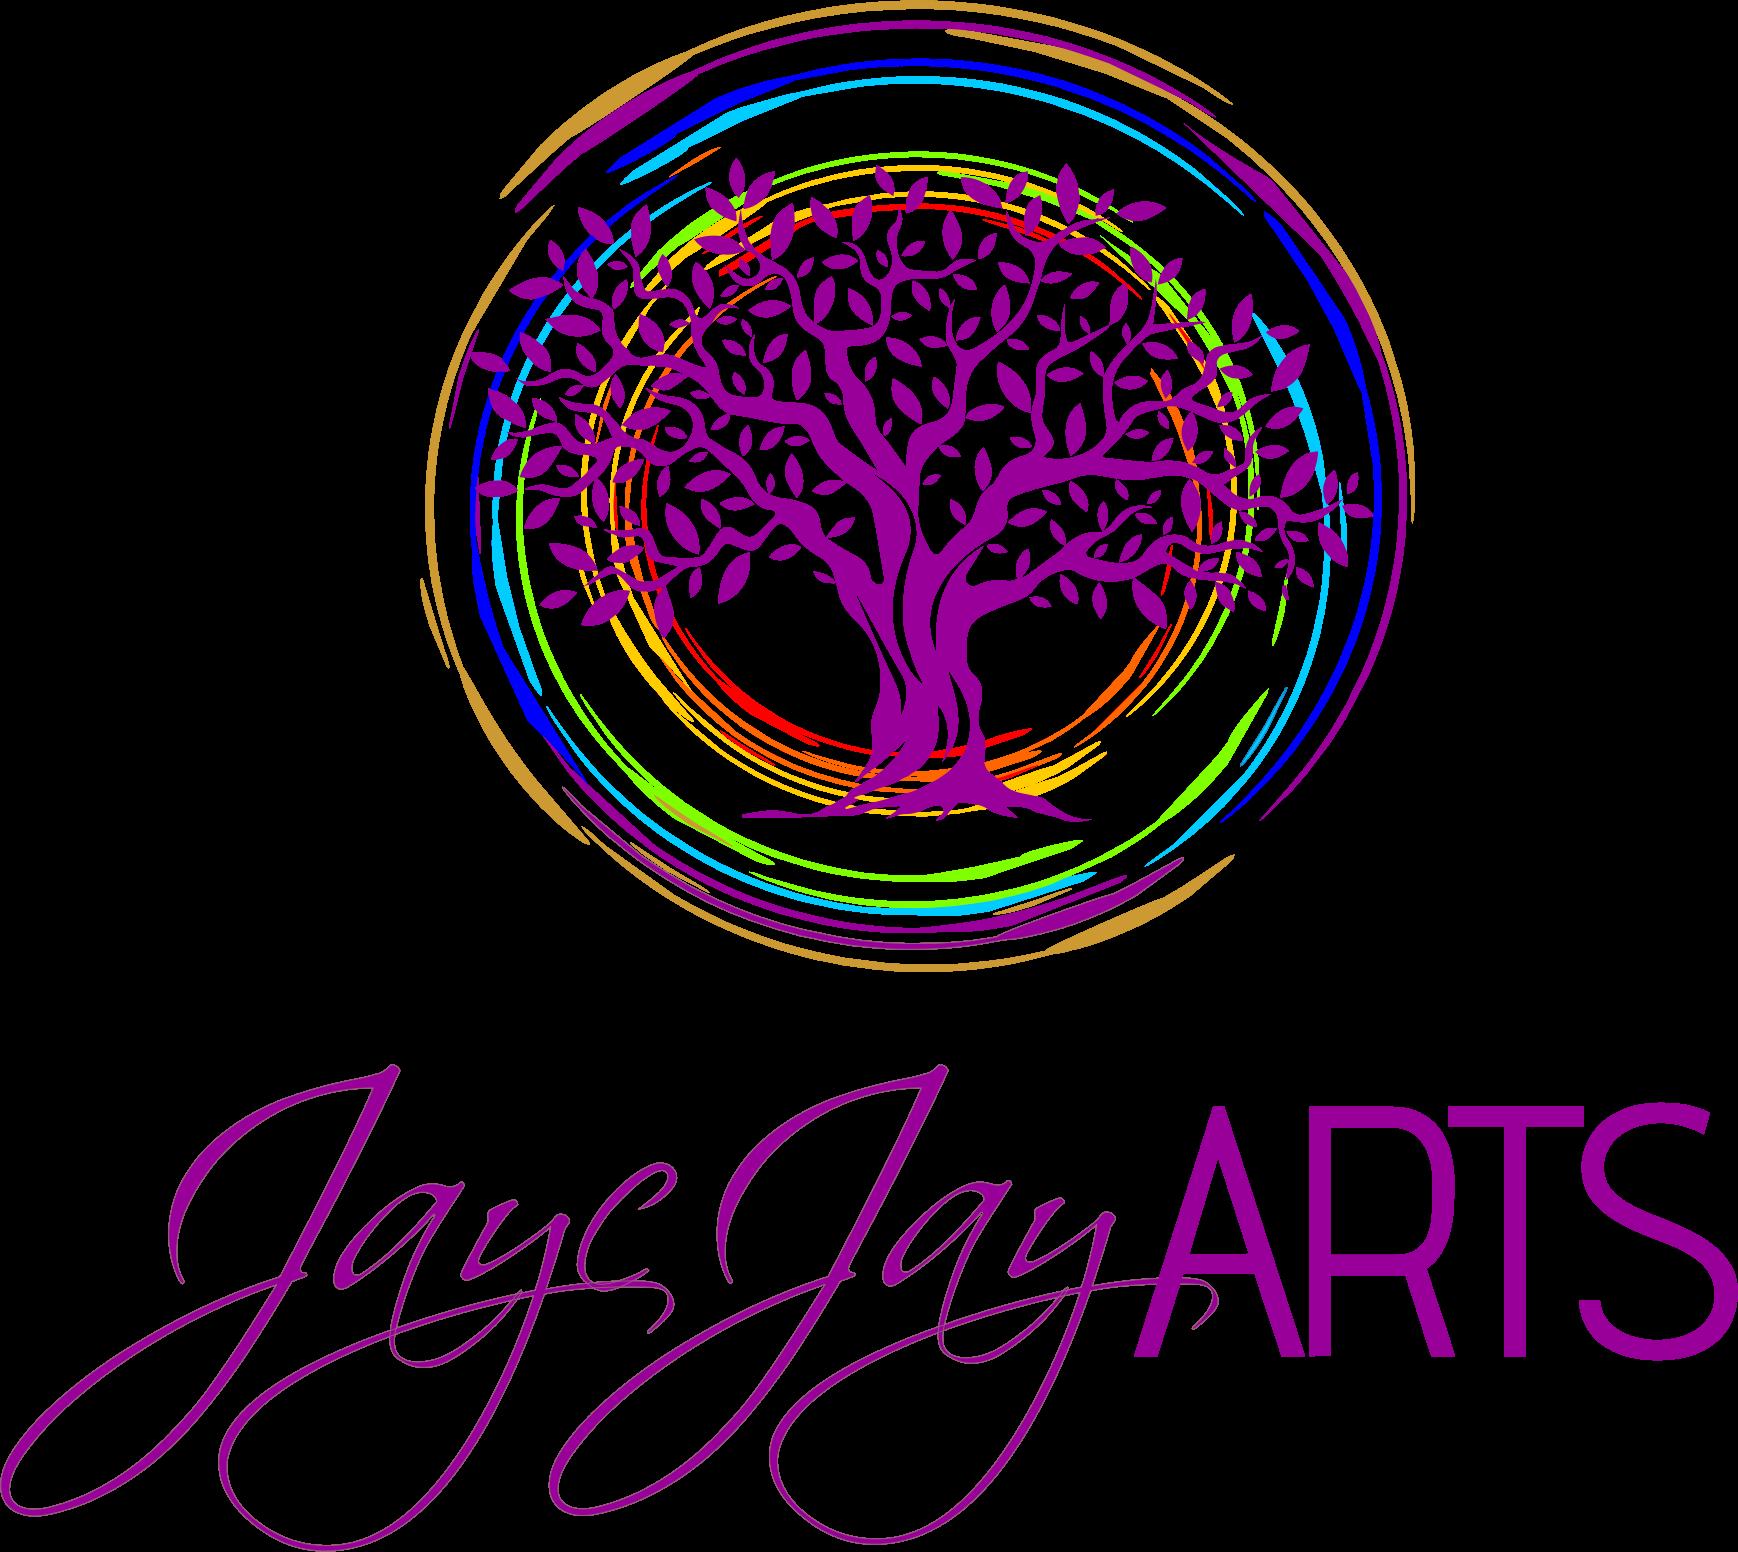 Jayc Jay Arts